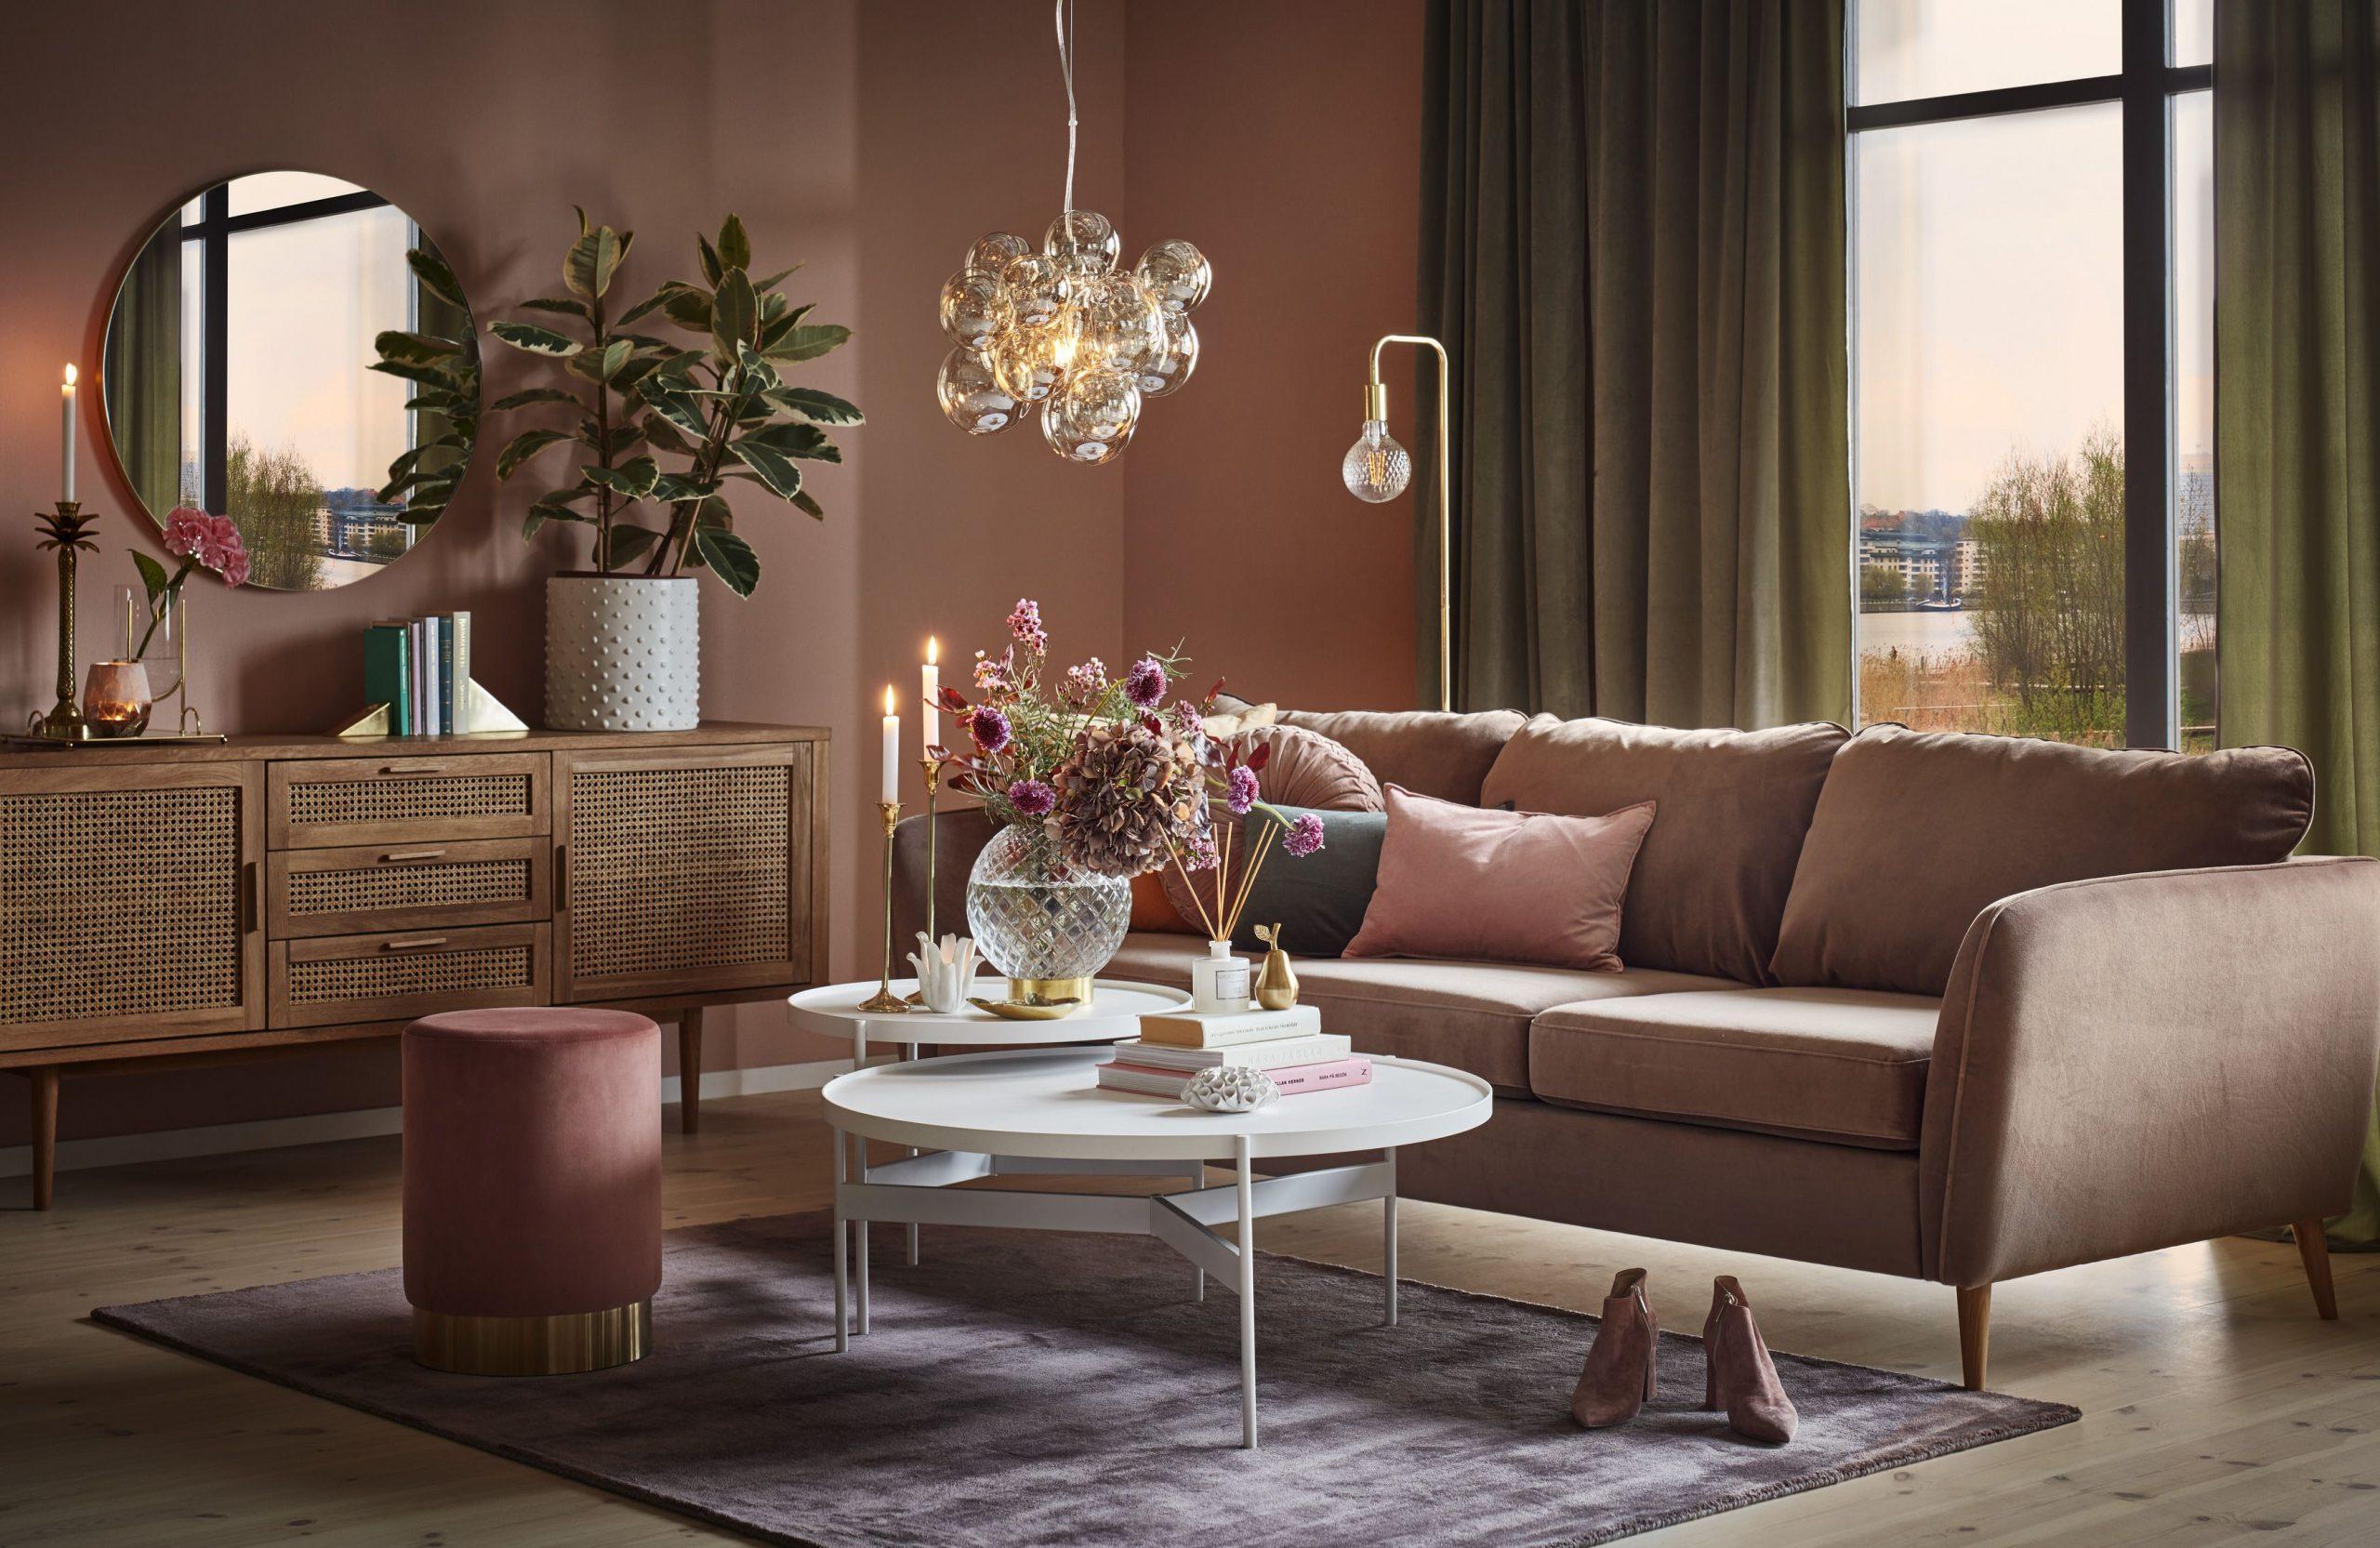 Brun soffa vardagsrum idéer